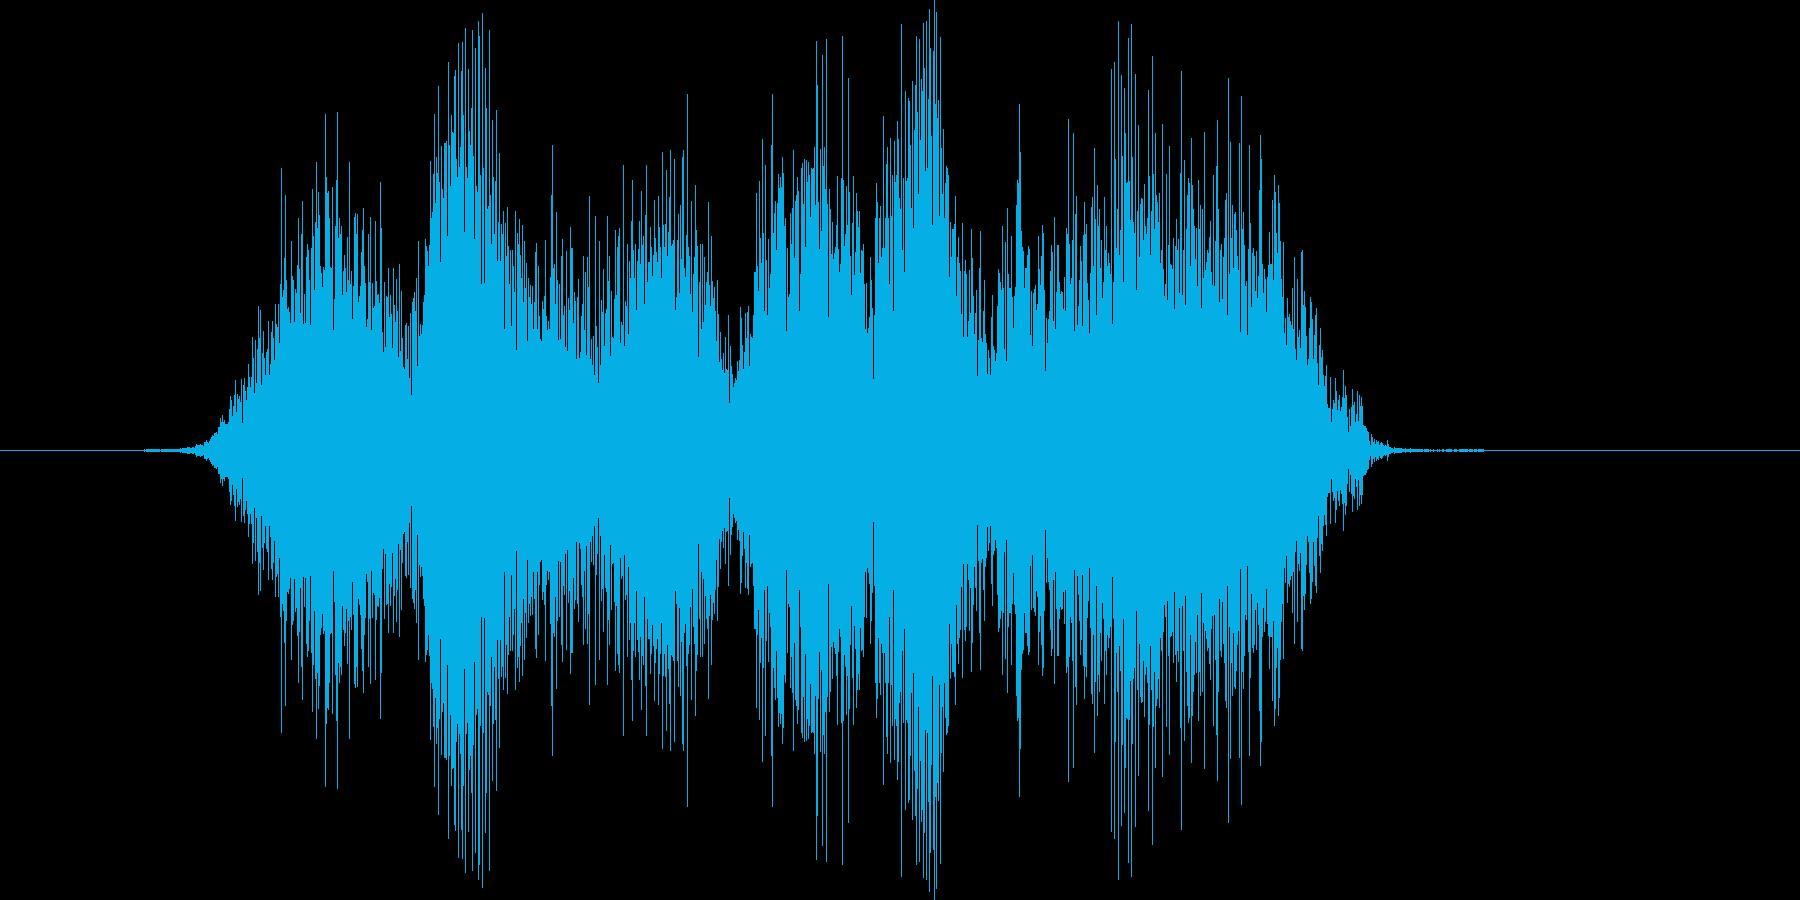 「シハシハ」の再生済みの波形